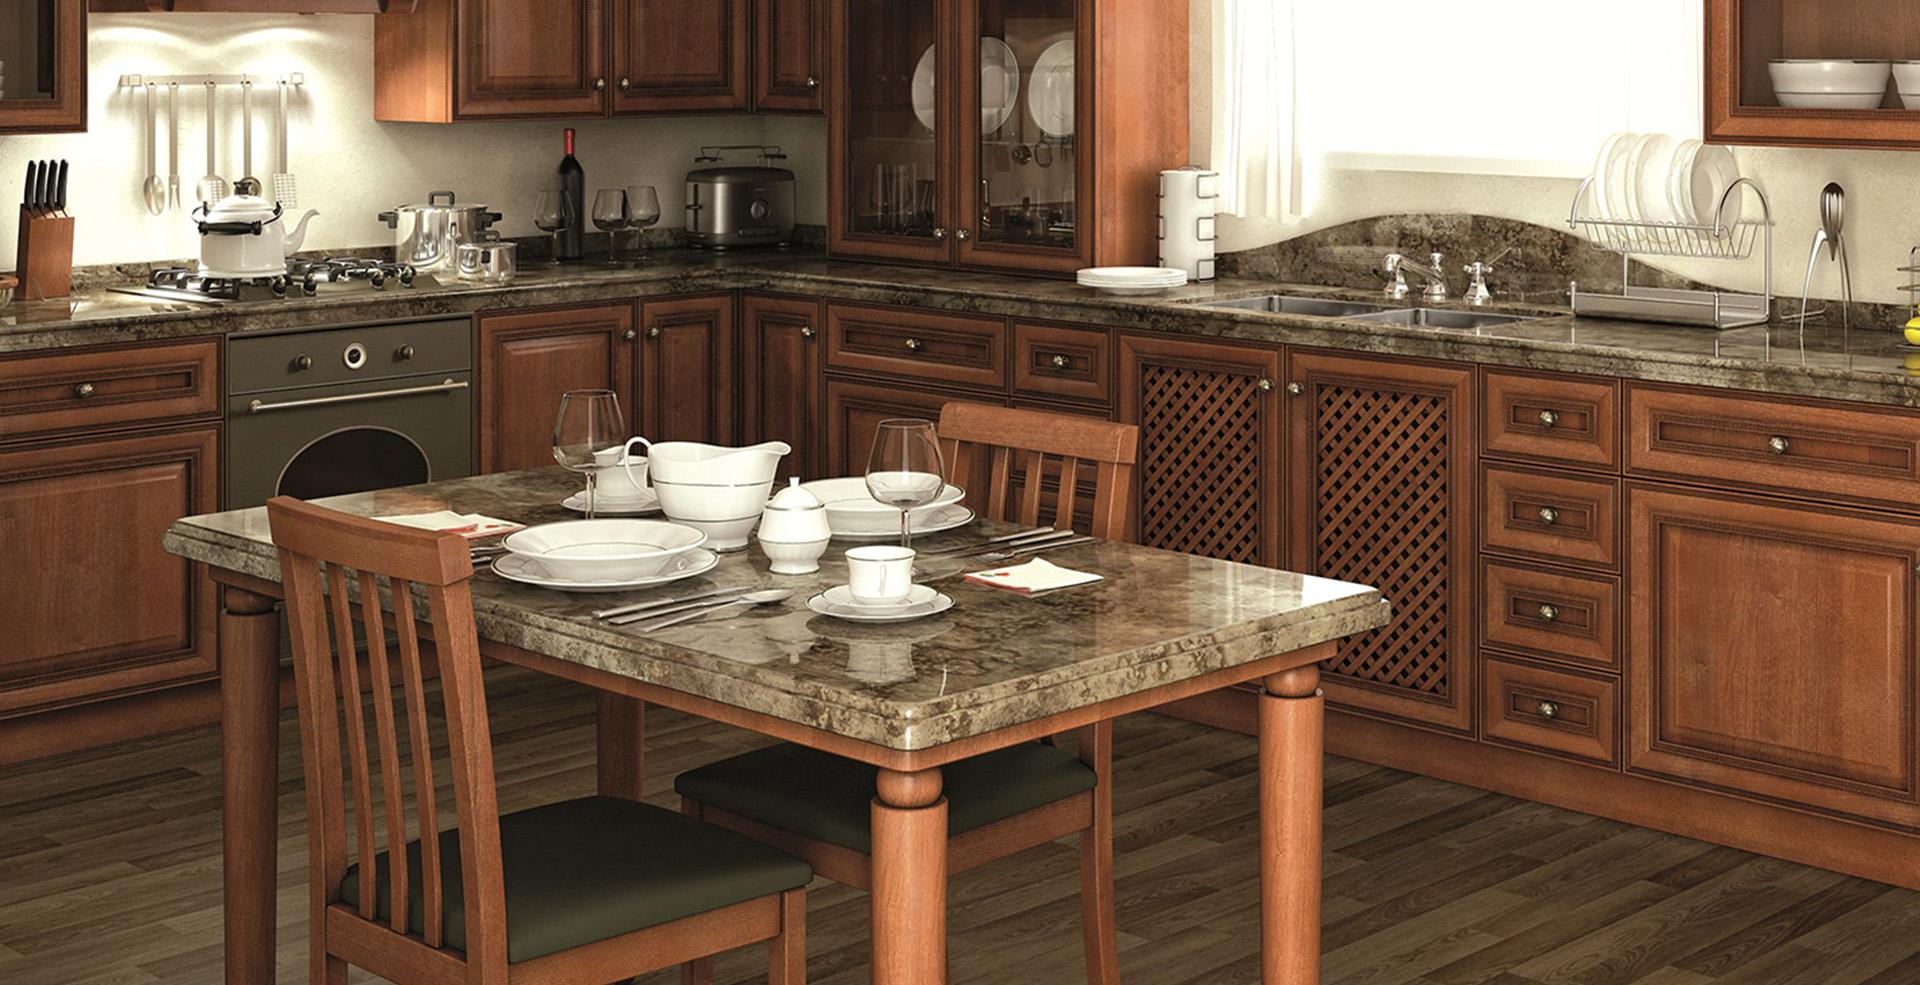 Full Size of Einbauküche Billig Küche Arbeitsplatte Billig Spülbecken Küche Billig Nobilia Küche Billig Küche Küche Billig